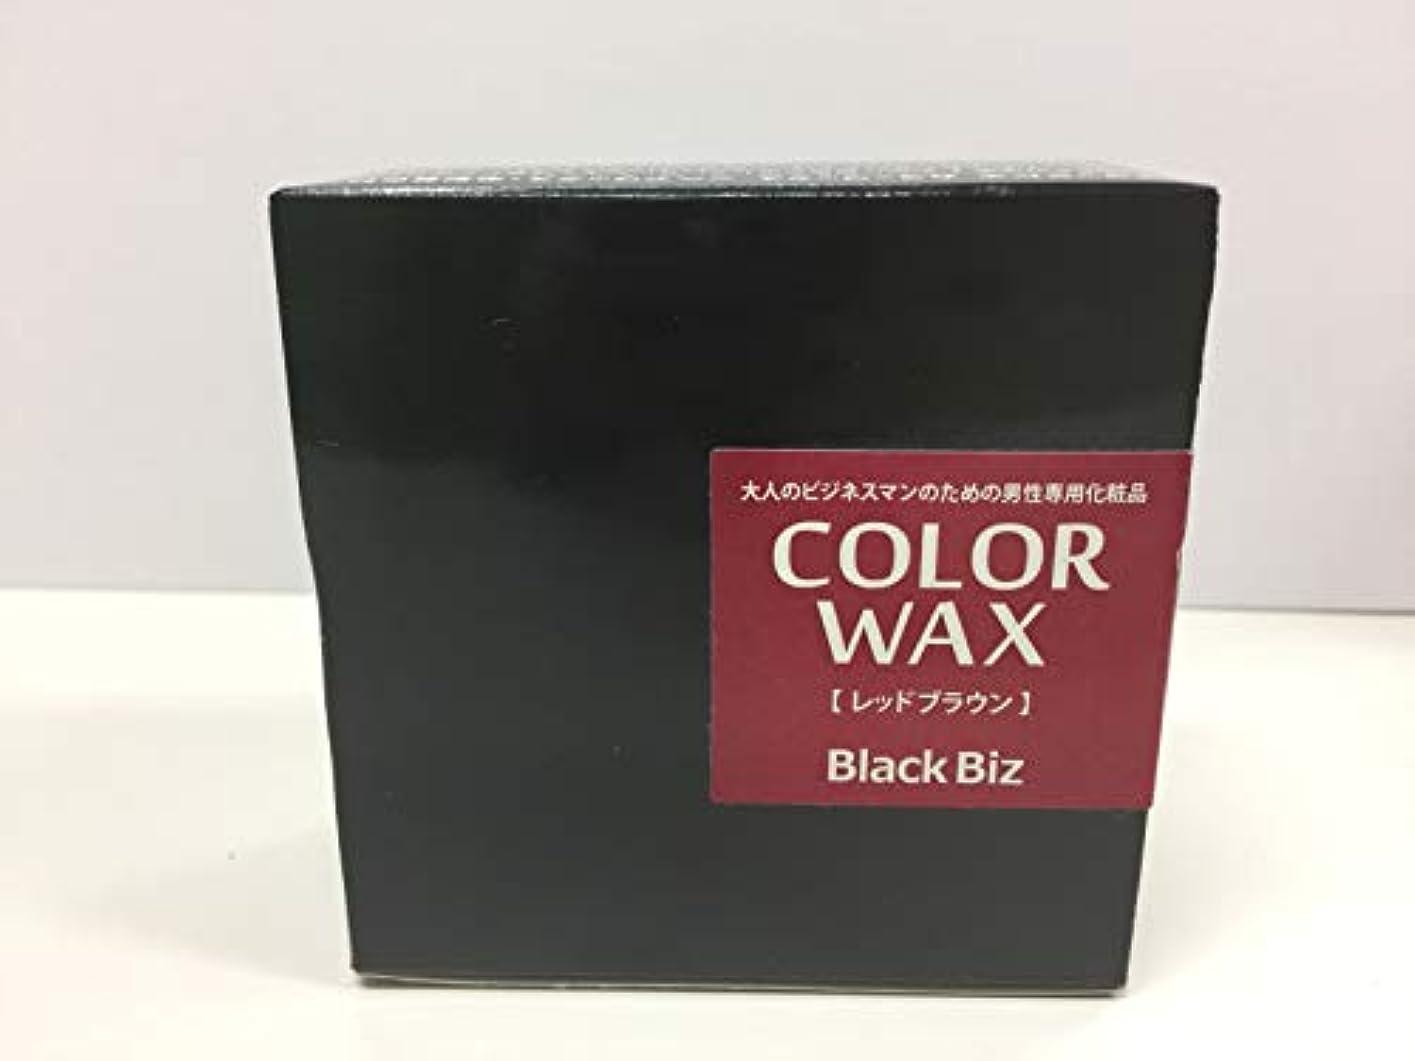 人工極端な申請中大人のビジネスマンのための男性専用化粧品 BlackBiz COLOR WAX ブラックビズ カラーワックス 【レッドブラウン】